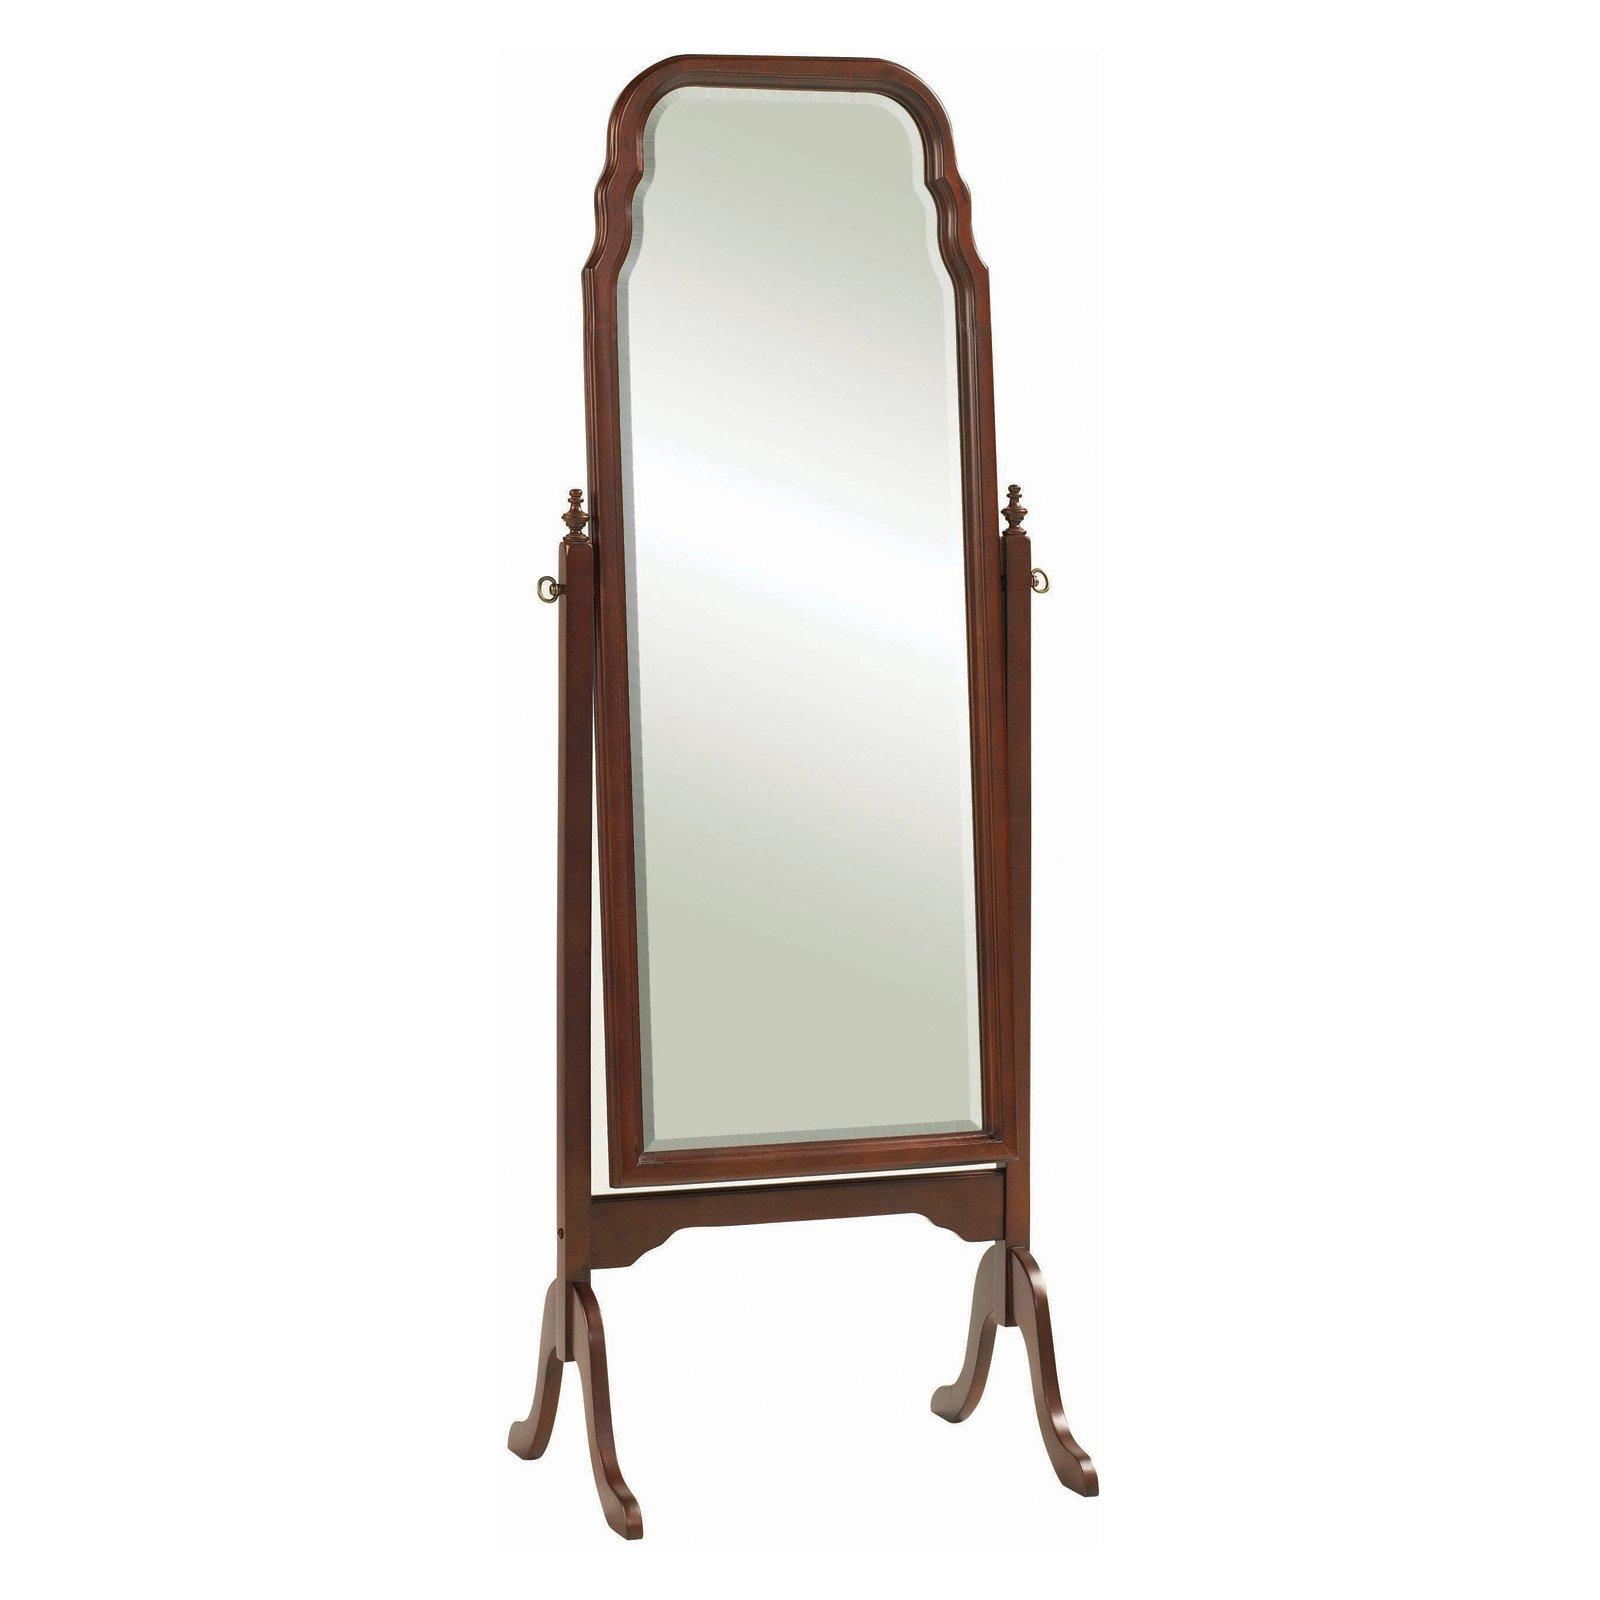 Queen Anne Cheval Floor Mirror - 22.25W x 63H in.